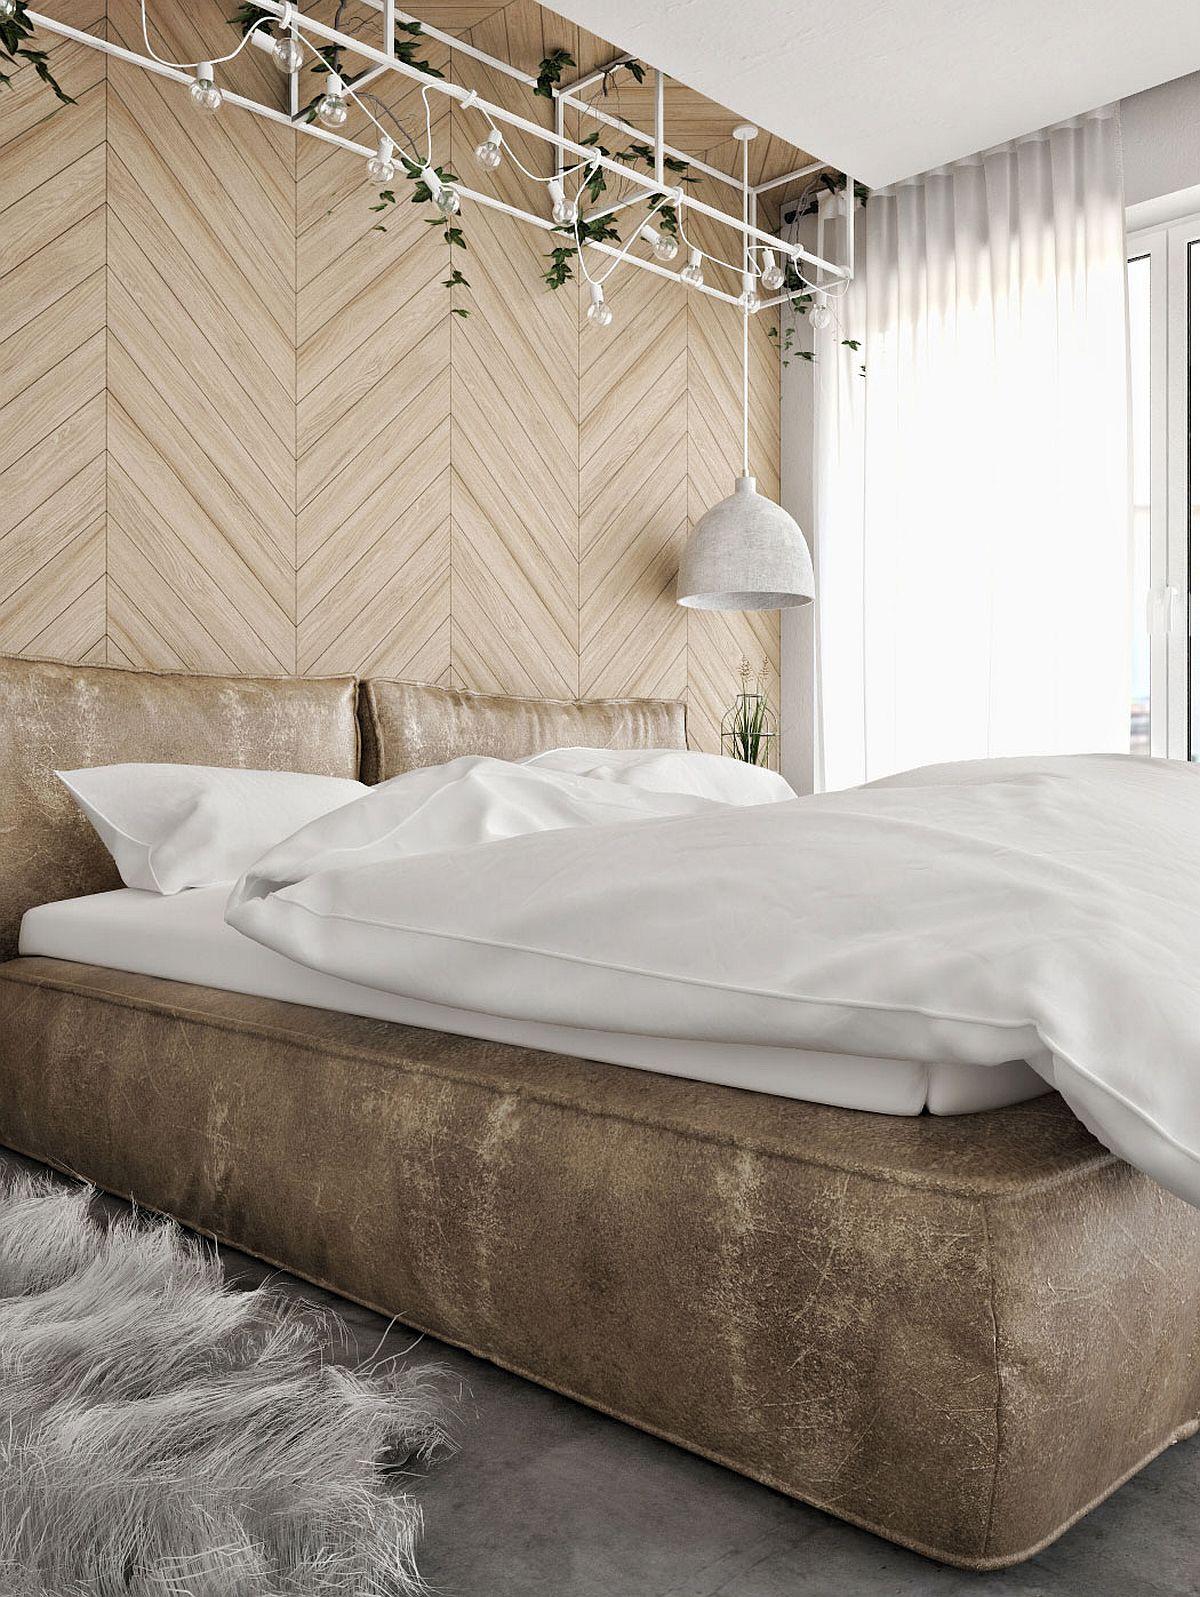 Innovative contemporary bedroom lighting idea